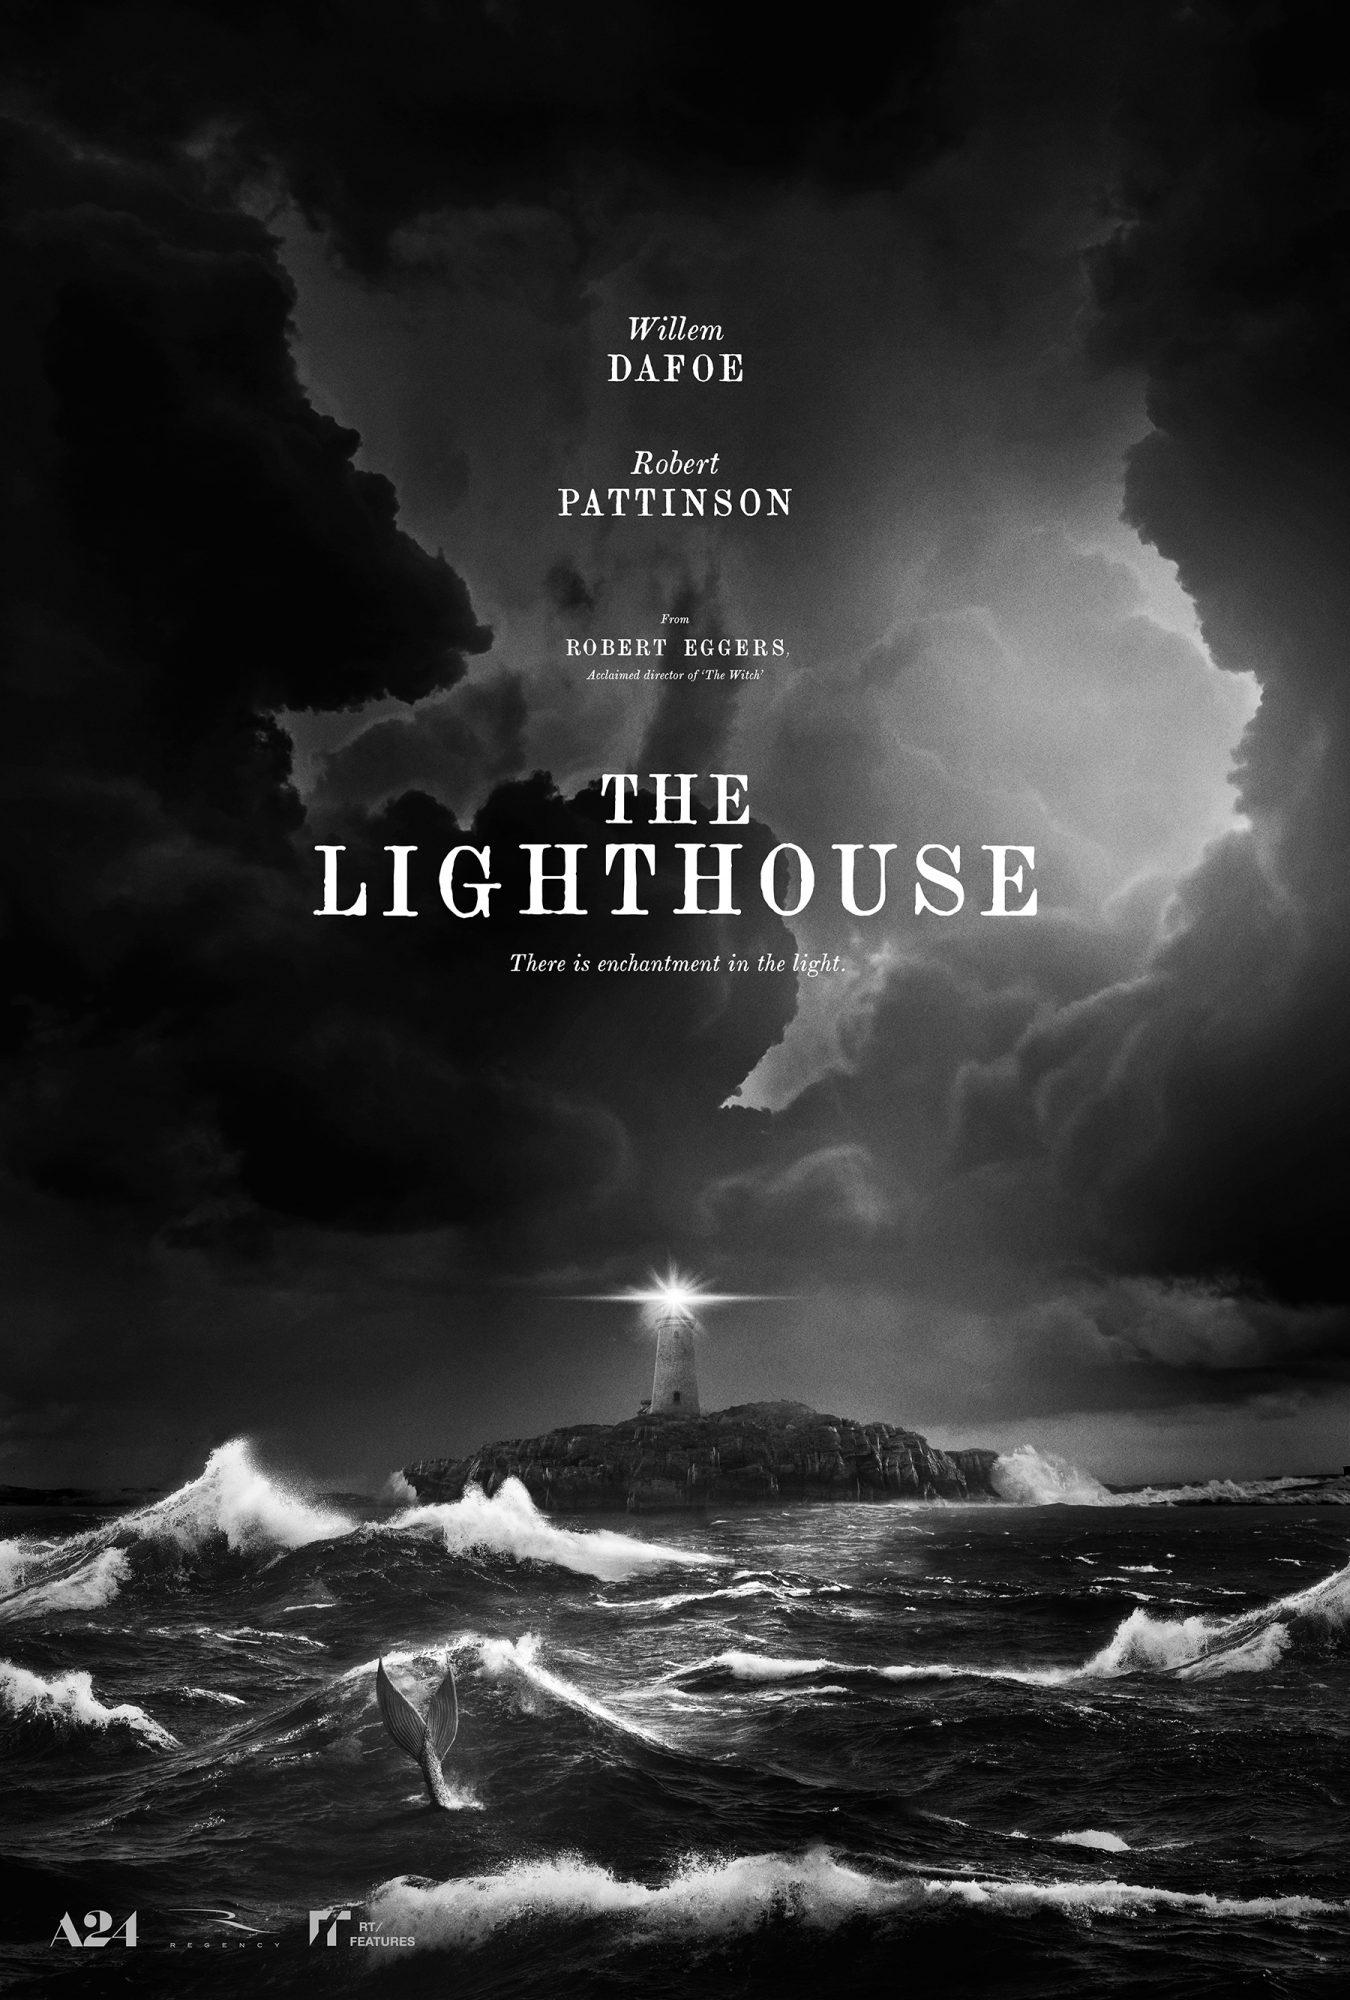 Willem Dafoe, Robert Pattinson The Lighthouse A24